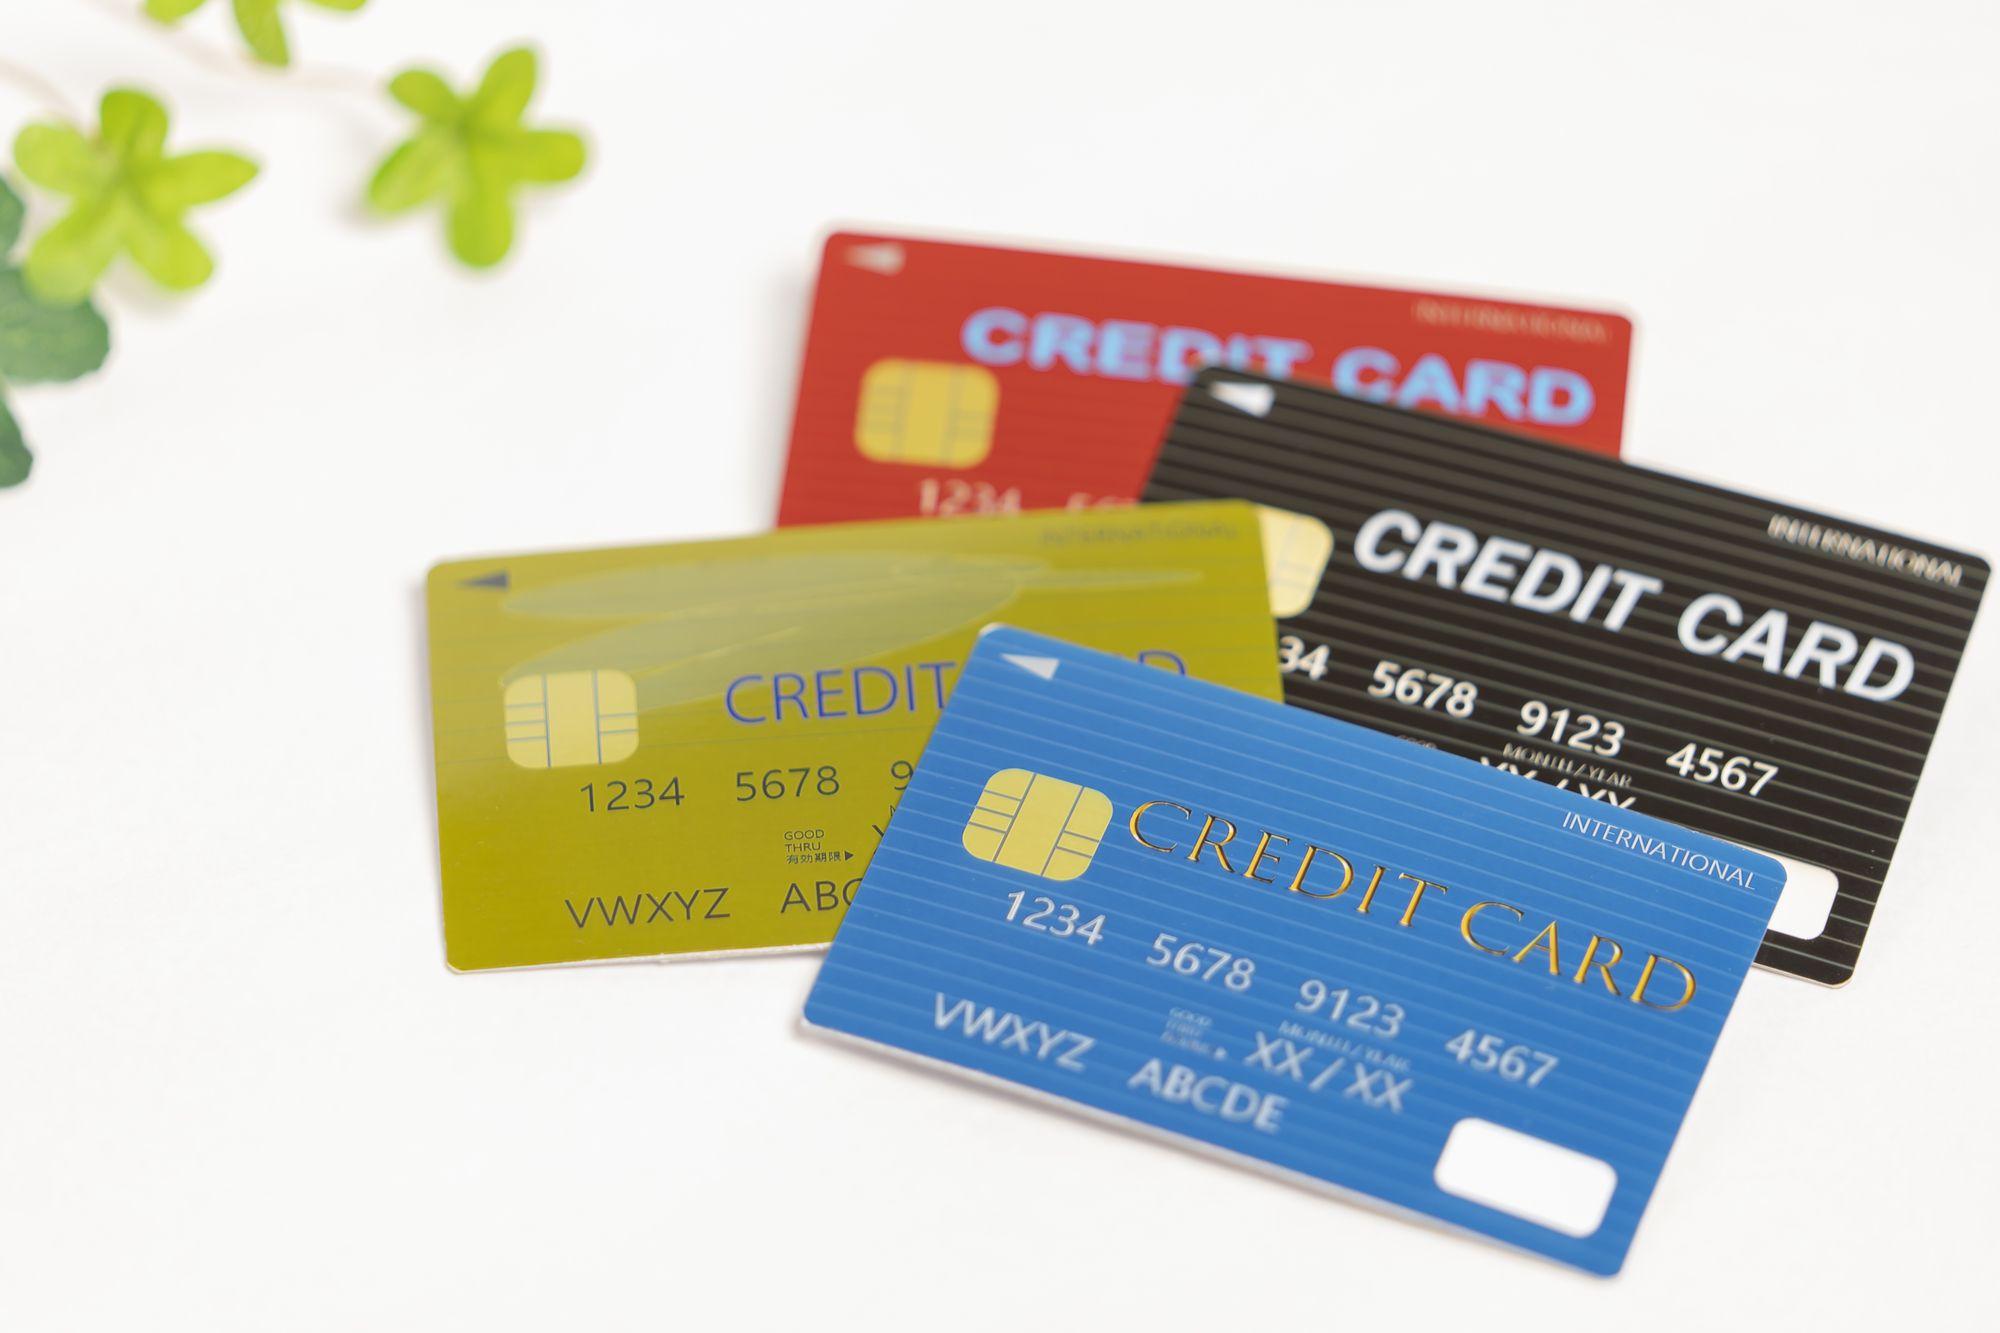 電力支払いのクレジットカード登録の際にはキャンペーンを確認しよう